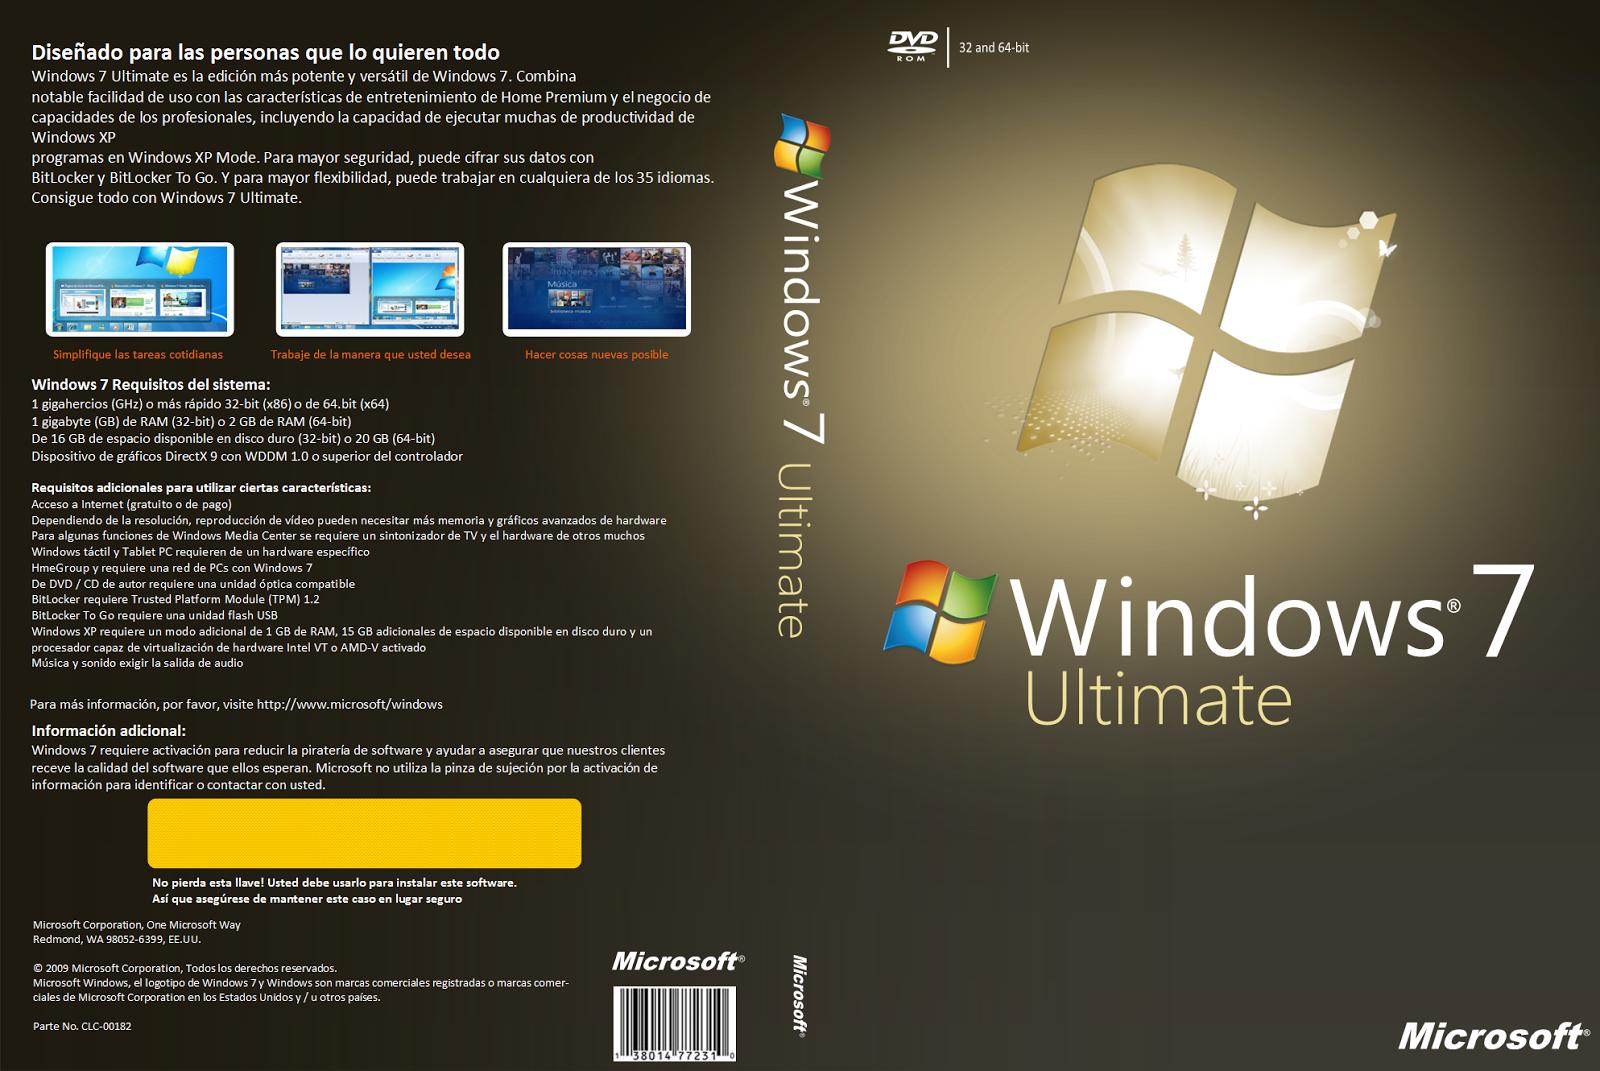 descargar windows 7 ultimate 32 bits mega por partes